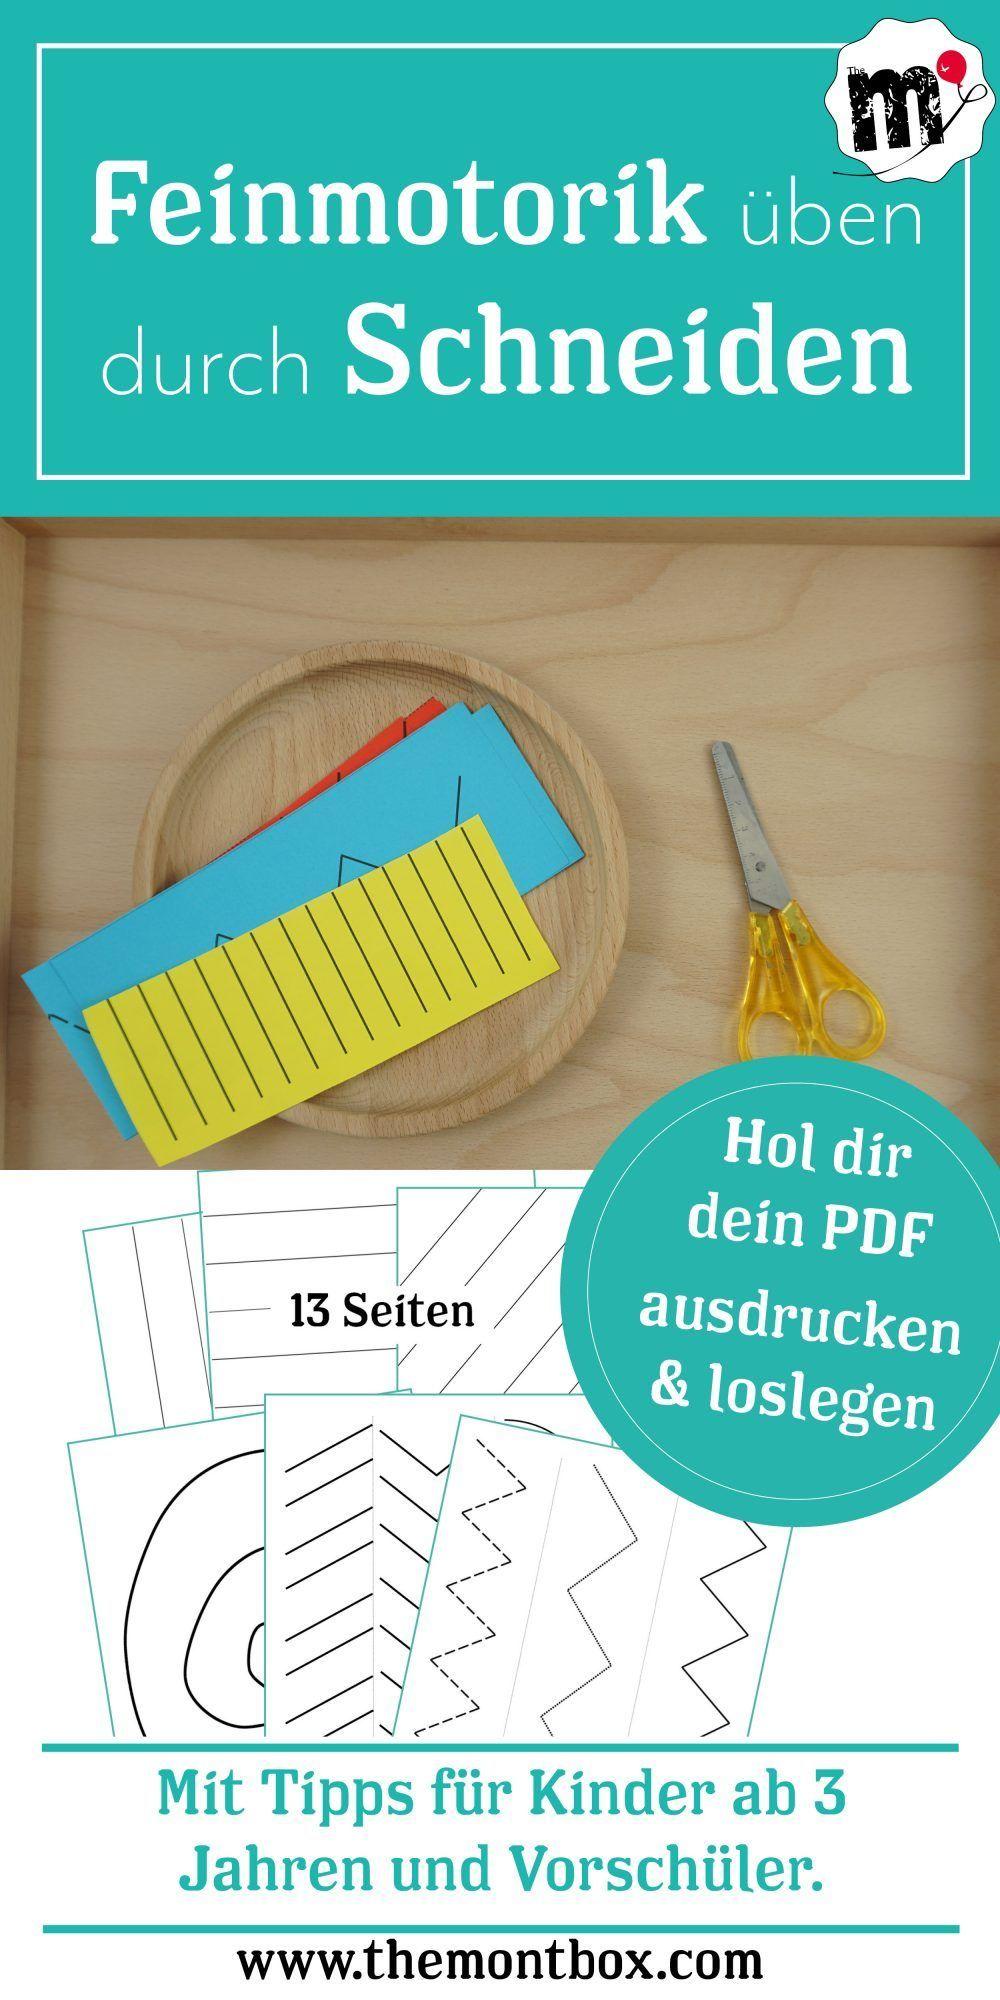 Montessori-inspirierte Feinmotorikübung: Schneiden - The Montbox